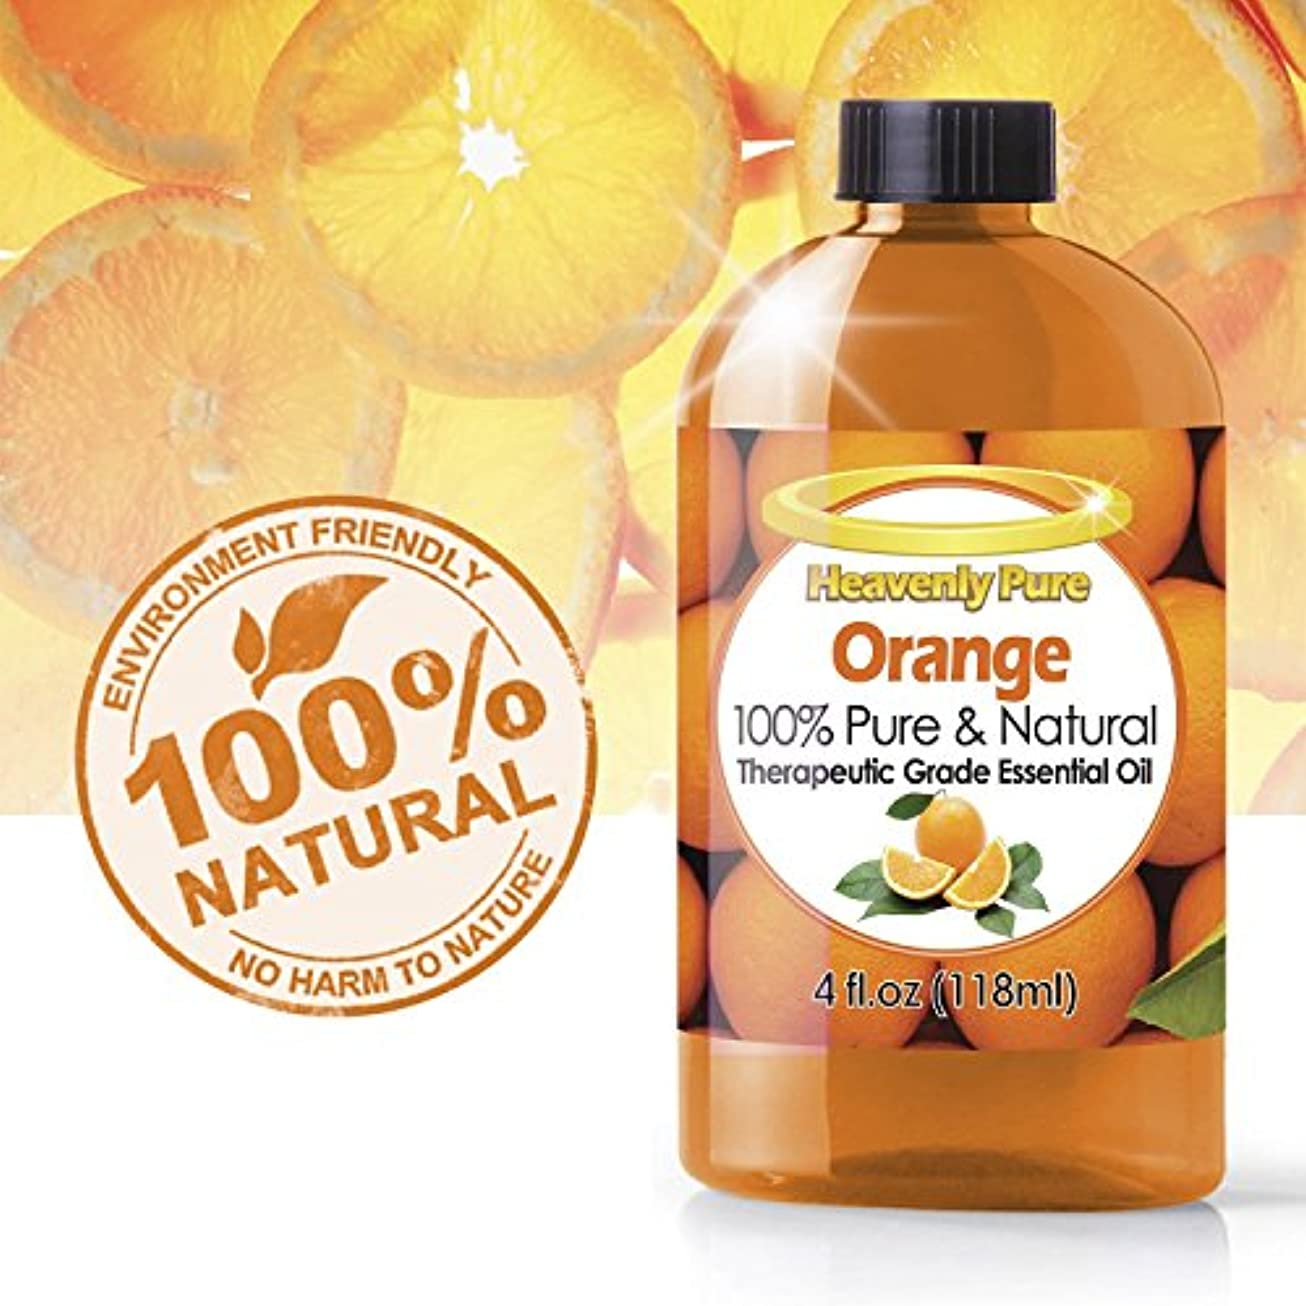 オレンジエッセンシャルオイル(HUGE 4 OZ)アイドロップ剤 - 100%ピュア&ナチュラルスイートシトラスアロマ - 治療グレード - オレンジオイルはアロマセラピー、イミュニティ、天然抗菌、および洗浄に最適です